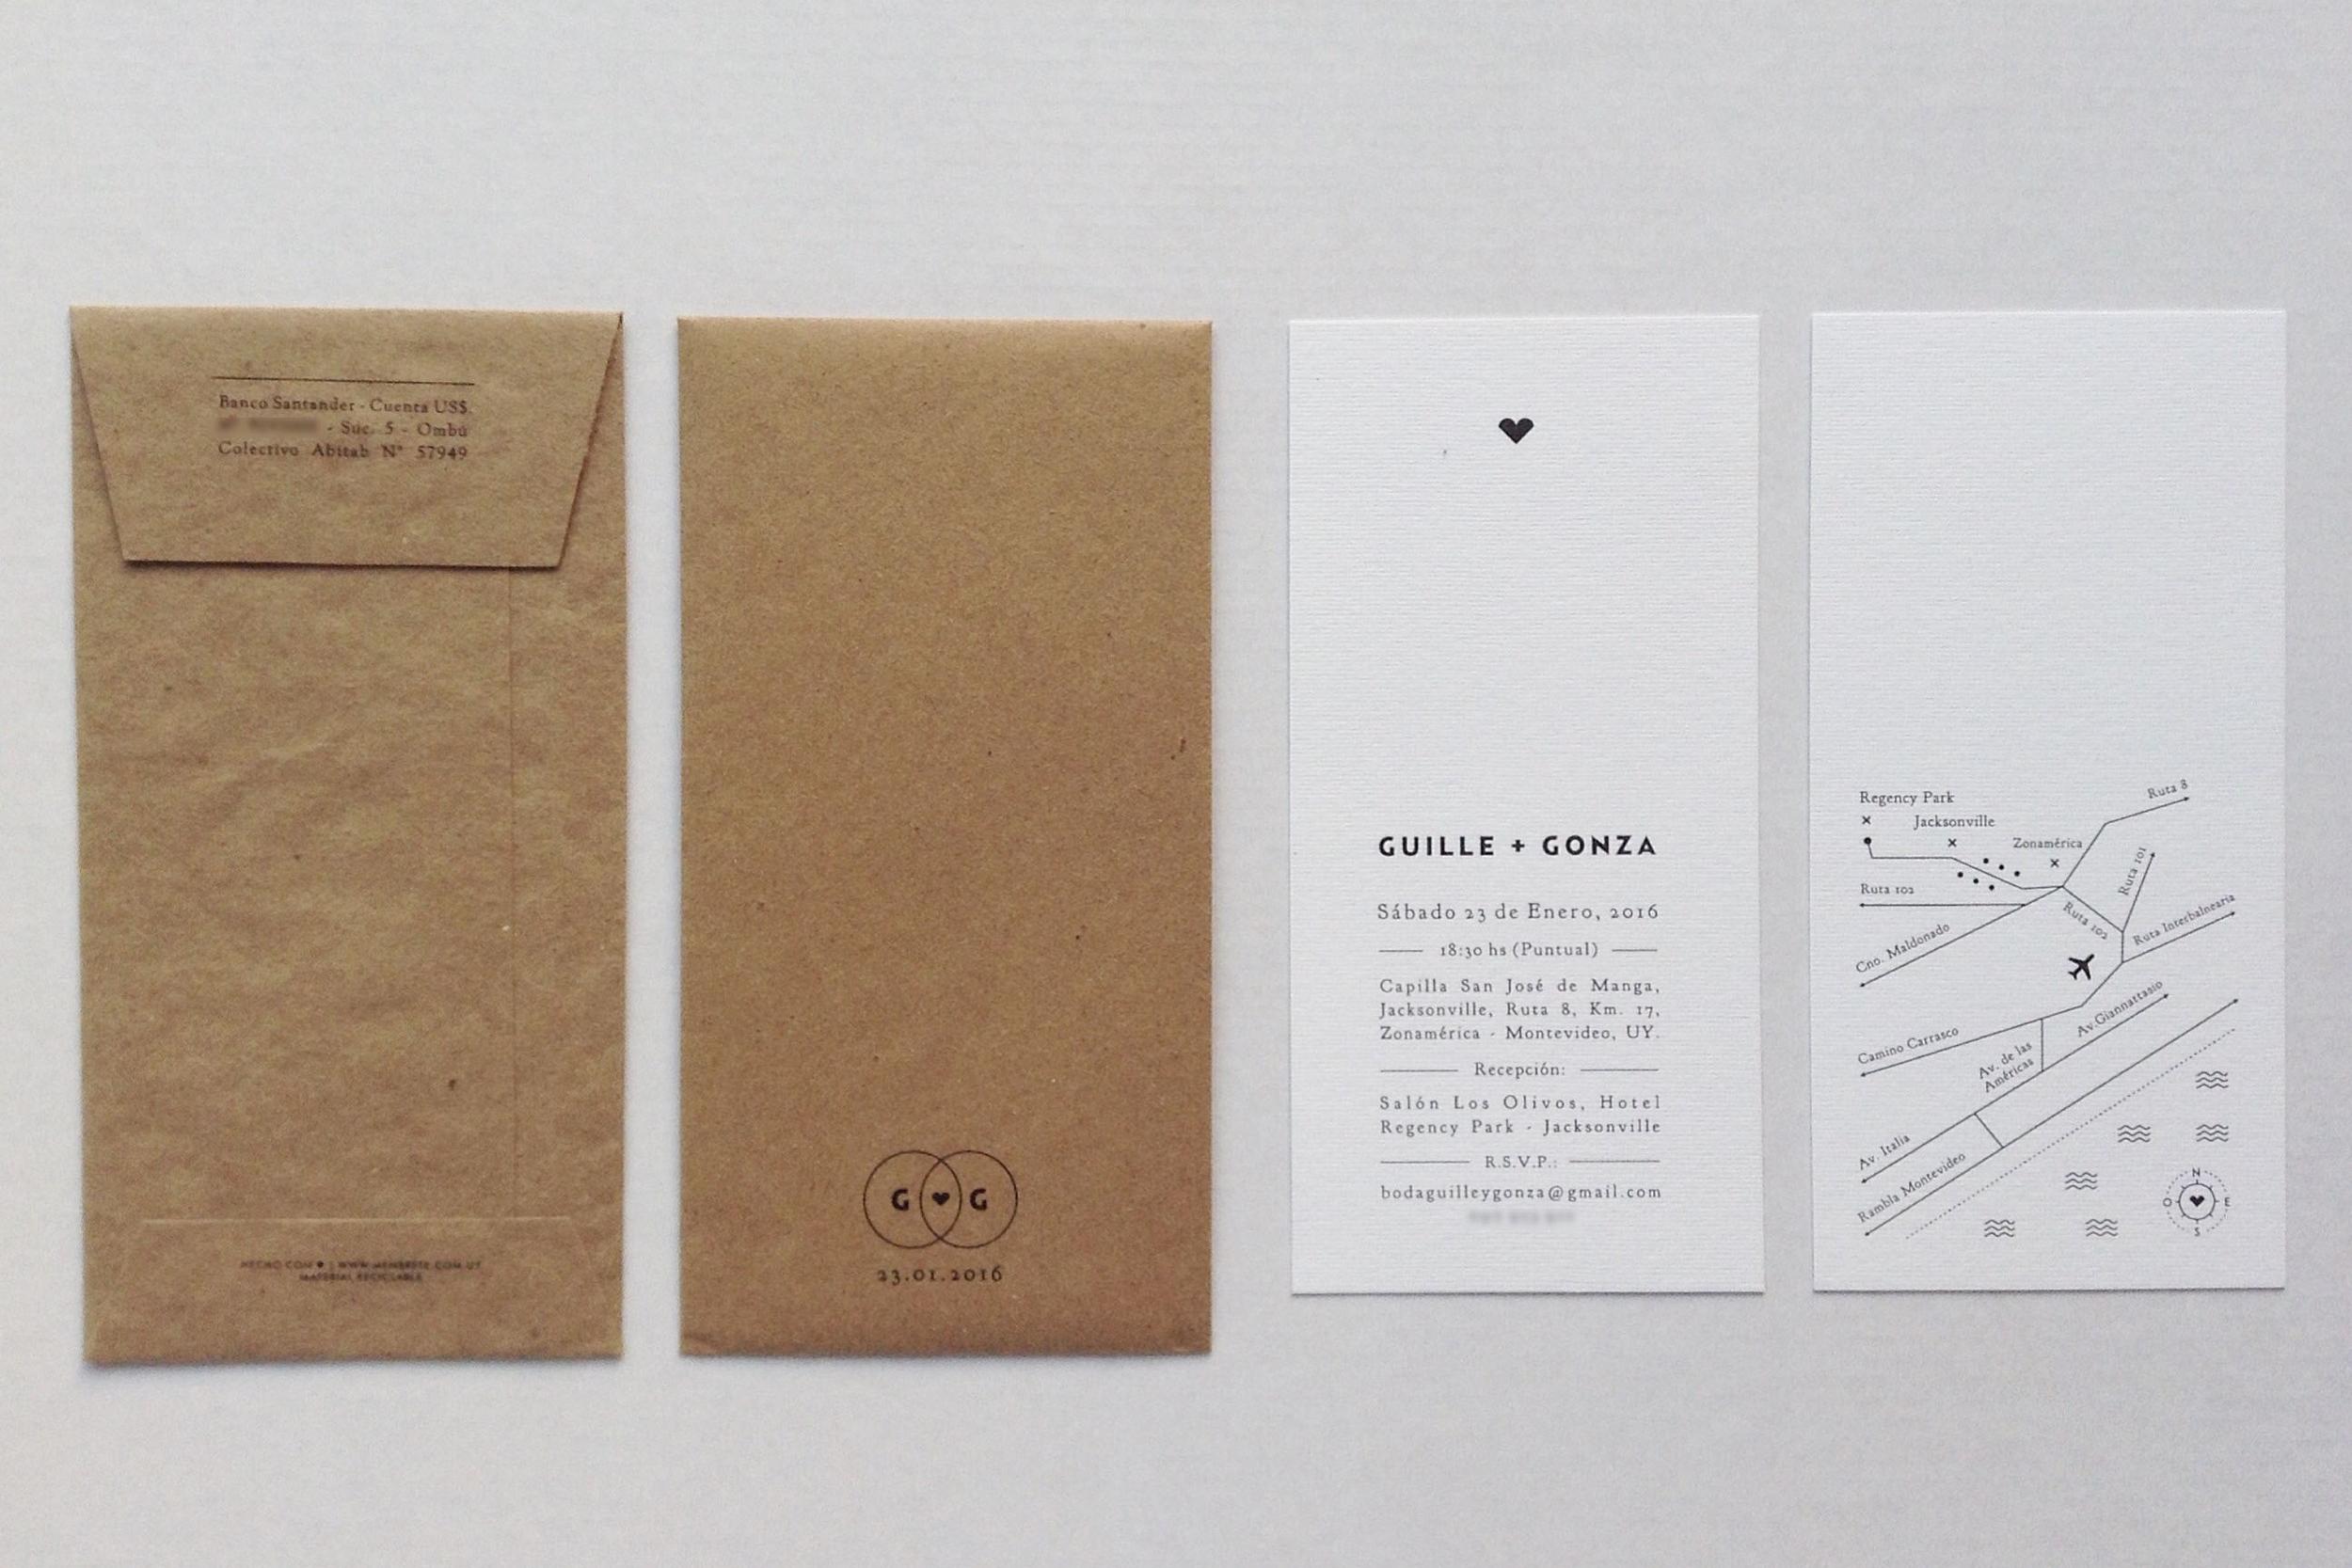 TARJETA + SOBRE   Boda: Guille + Gonza